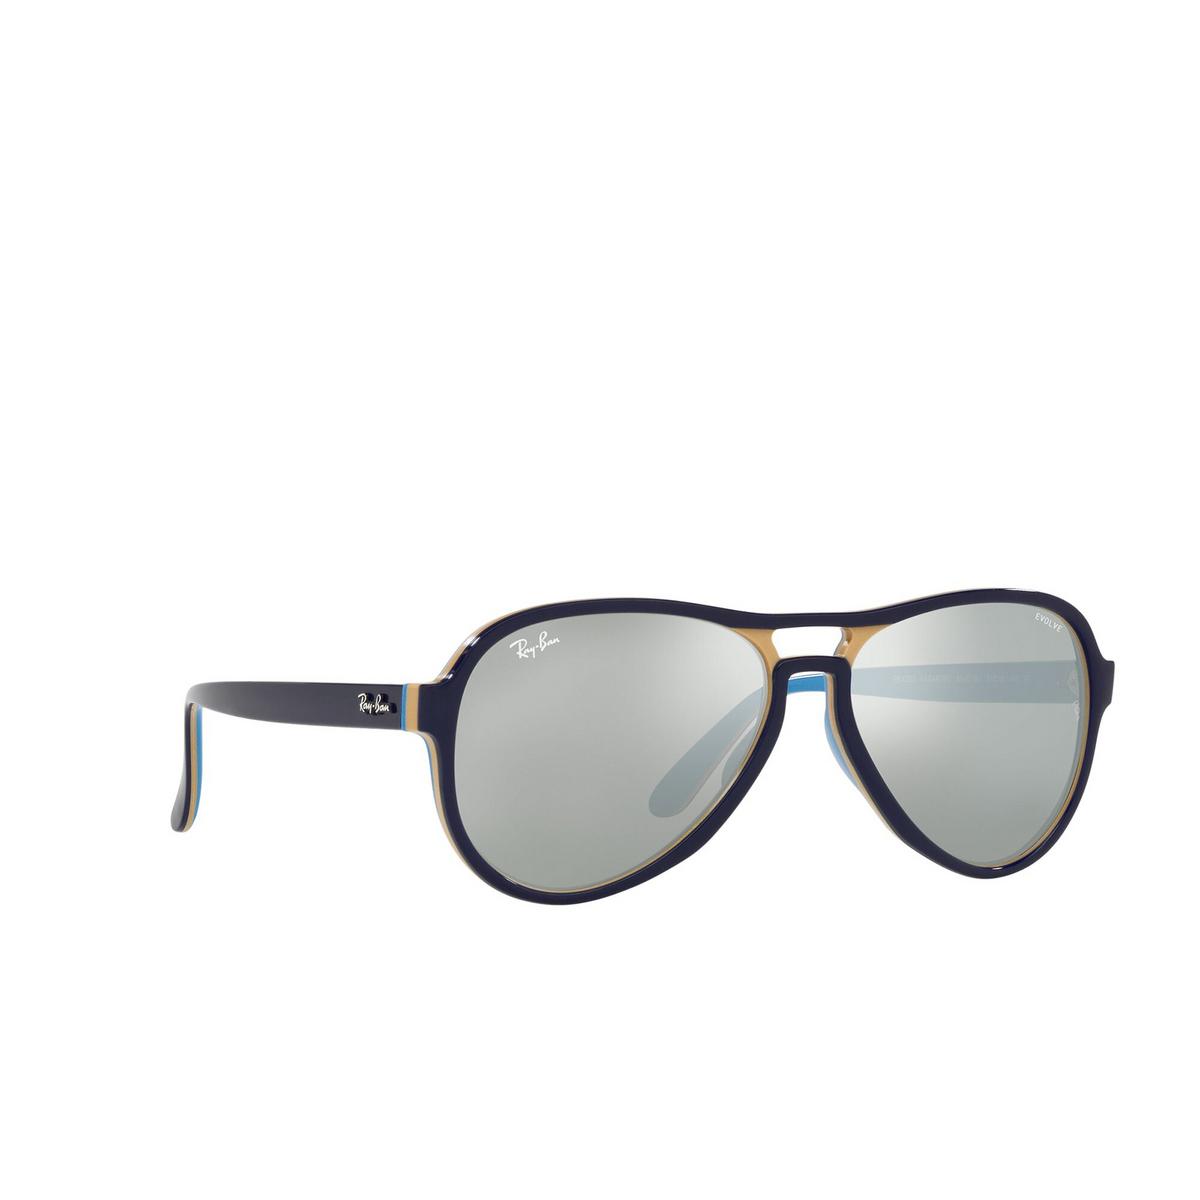 Ray-Ban® Aviator Sunglasses: Vagabond RB4355 color Blue Creamy Light Blue 6546W3 - three-quarters view.